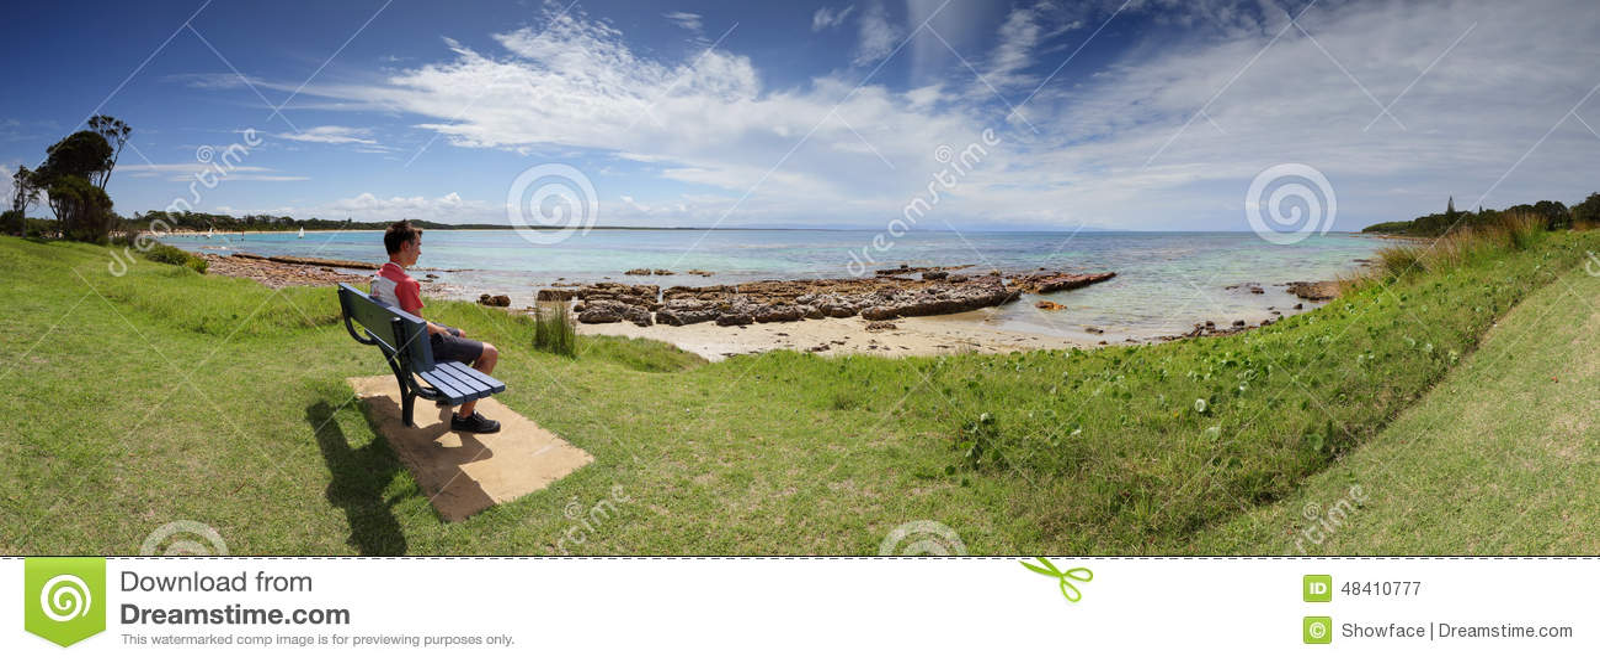 Туристский посетитель восхищая пляж Австралию Currarong взглядов